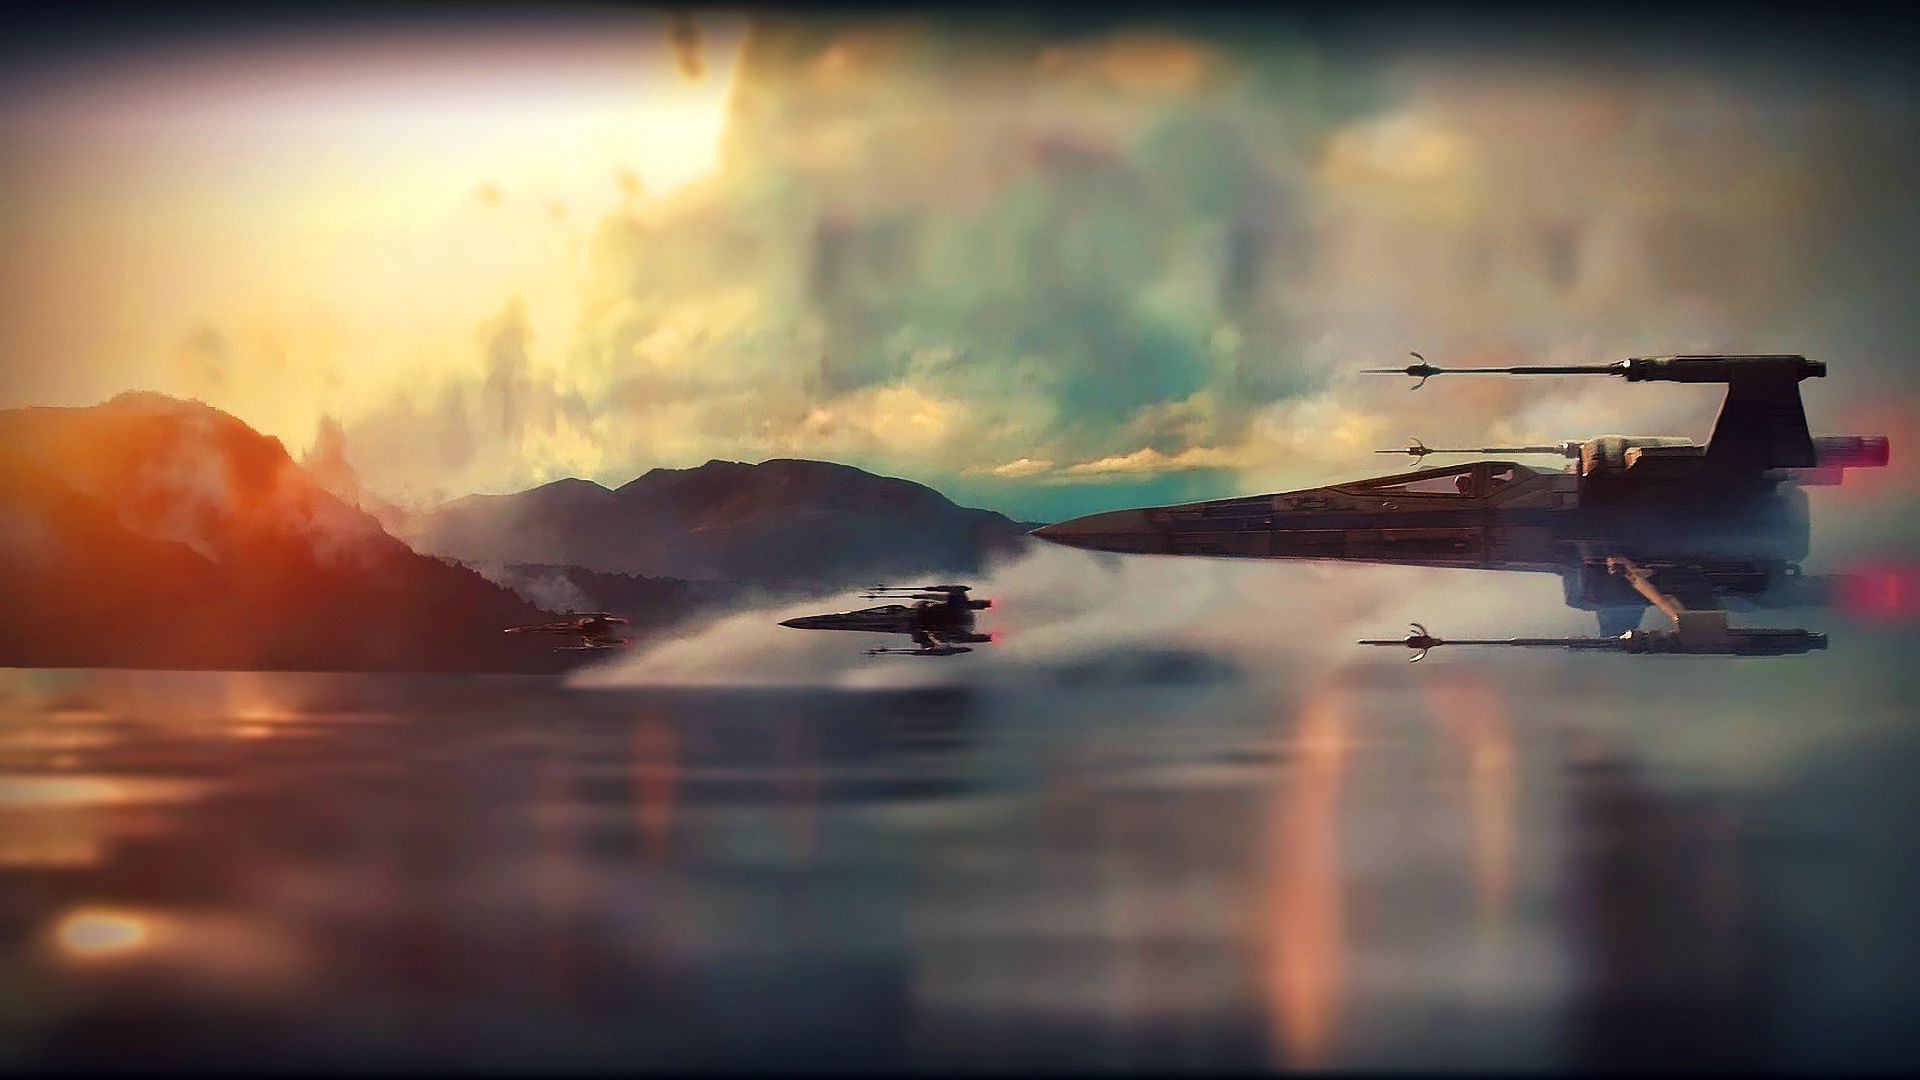 X wing, Star Wars, Rebel Alliance Wallpapers HD / Desktop and X Wing Wallpaper  Wallpapers)